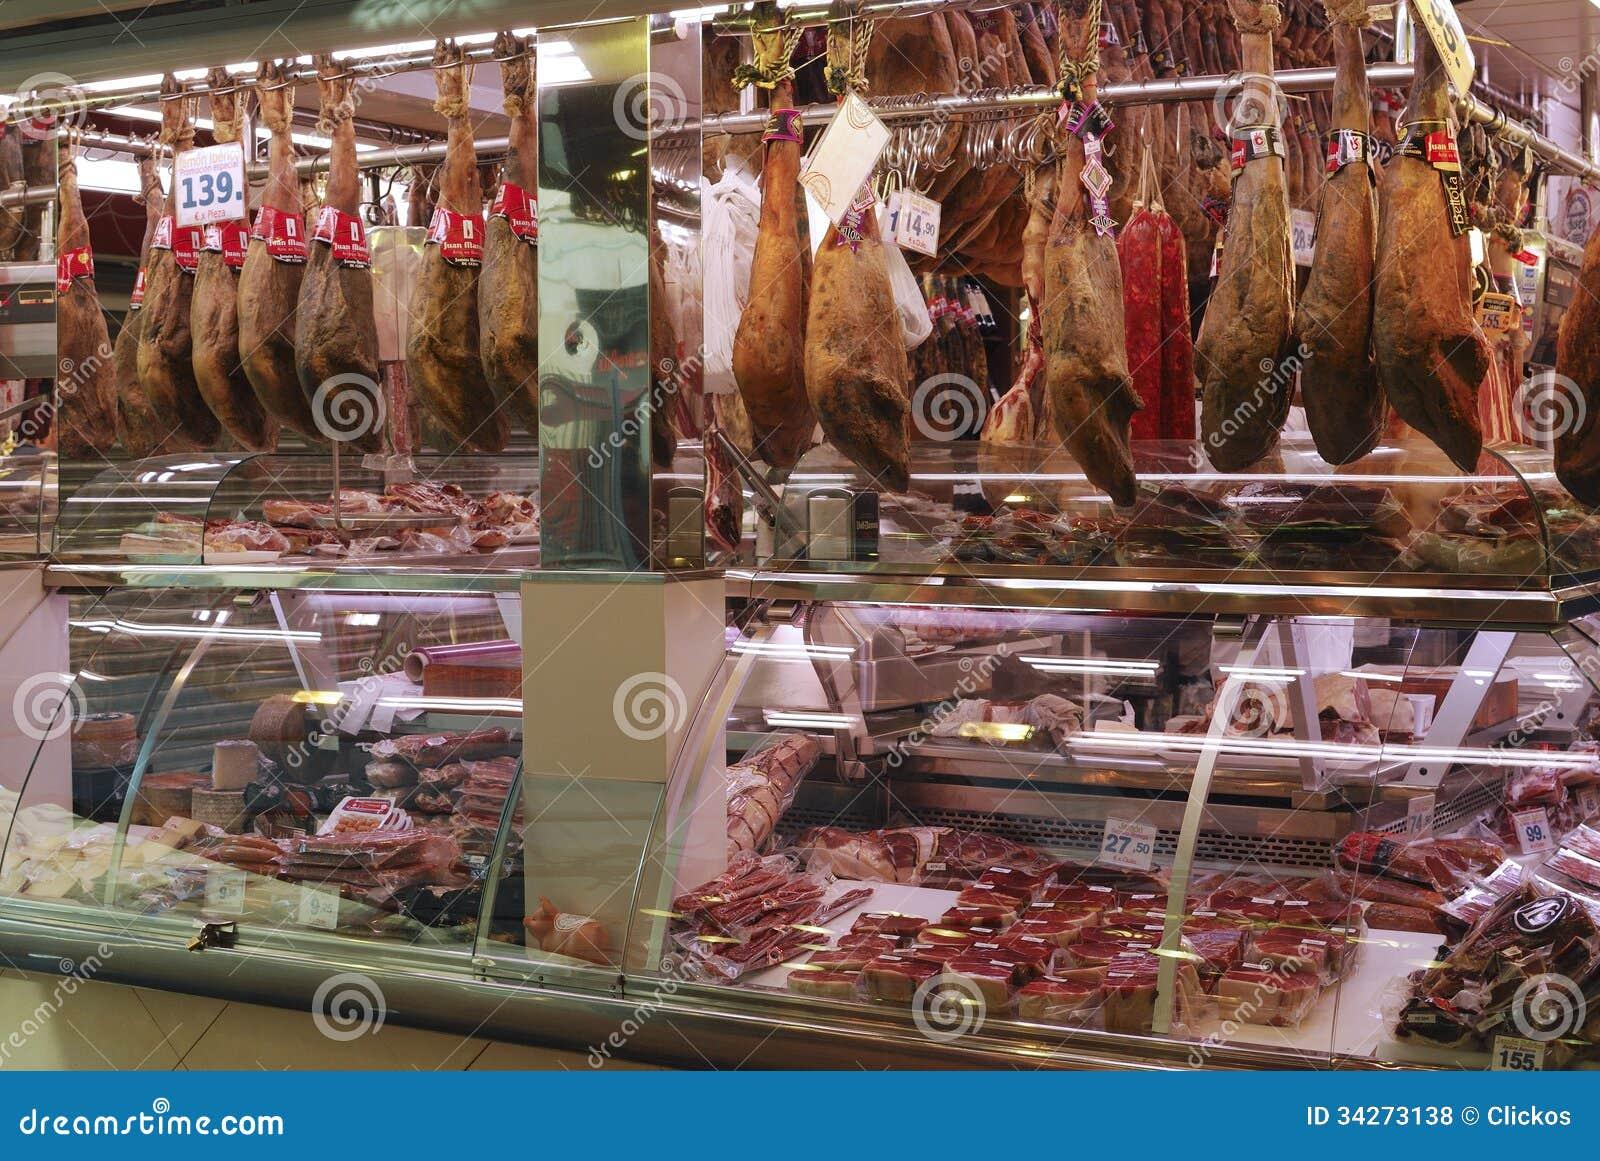 Carnicer a en mercado barcelona espa a foto de archivo - Carniceria en madrid ...